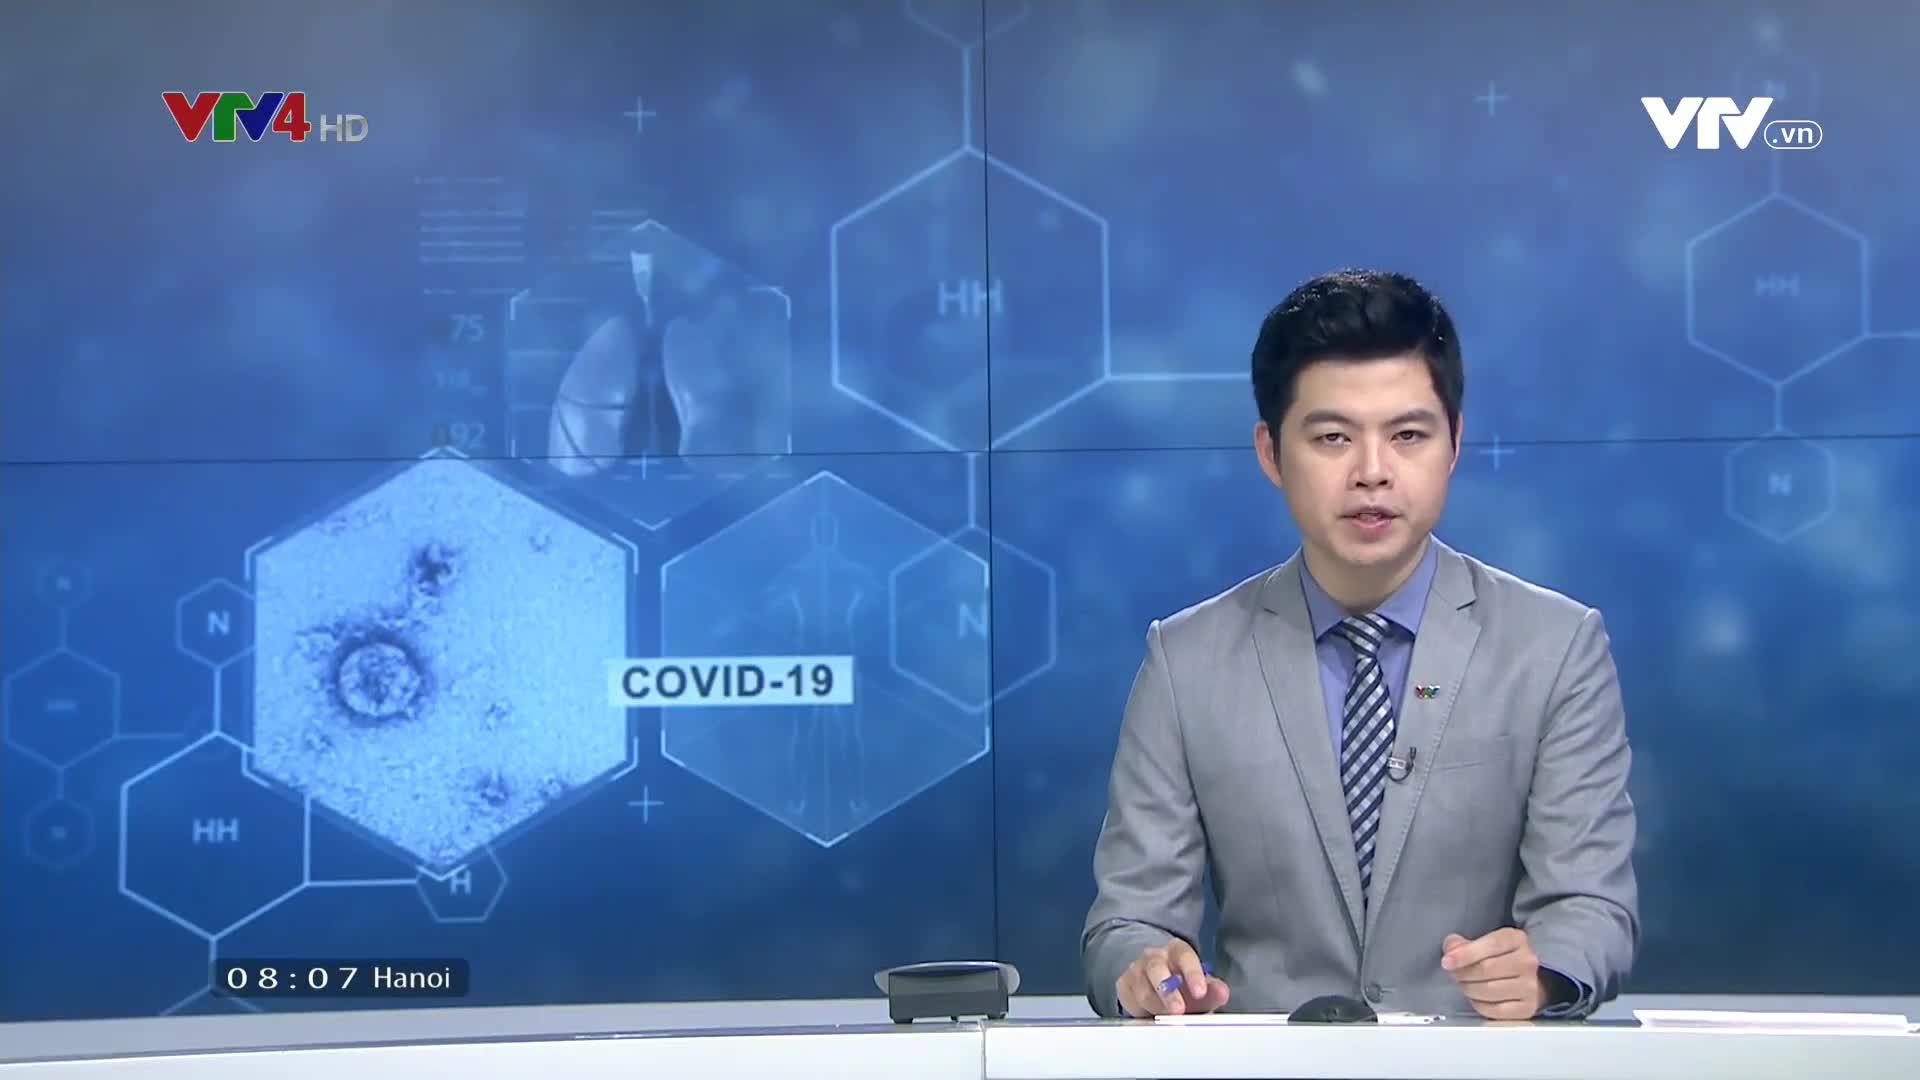 News 8 AM - 7/30/2020